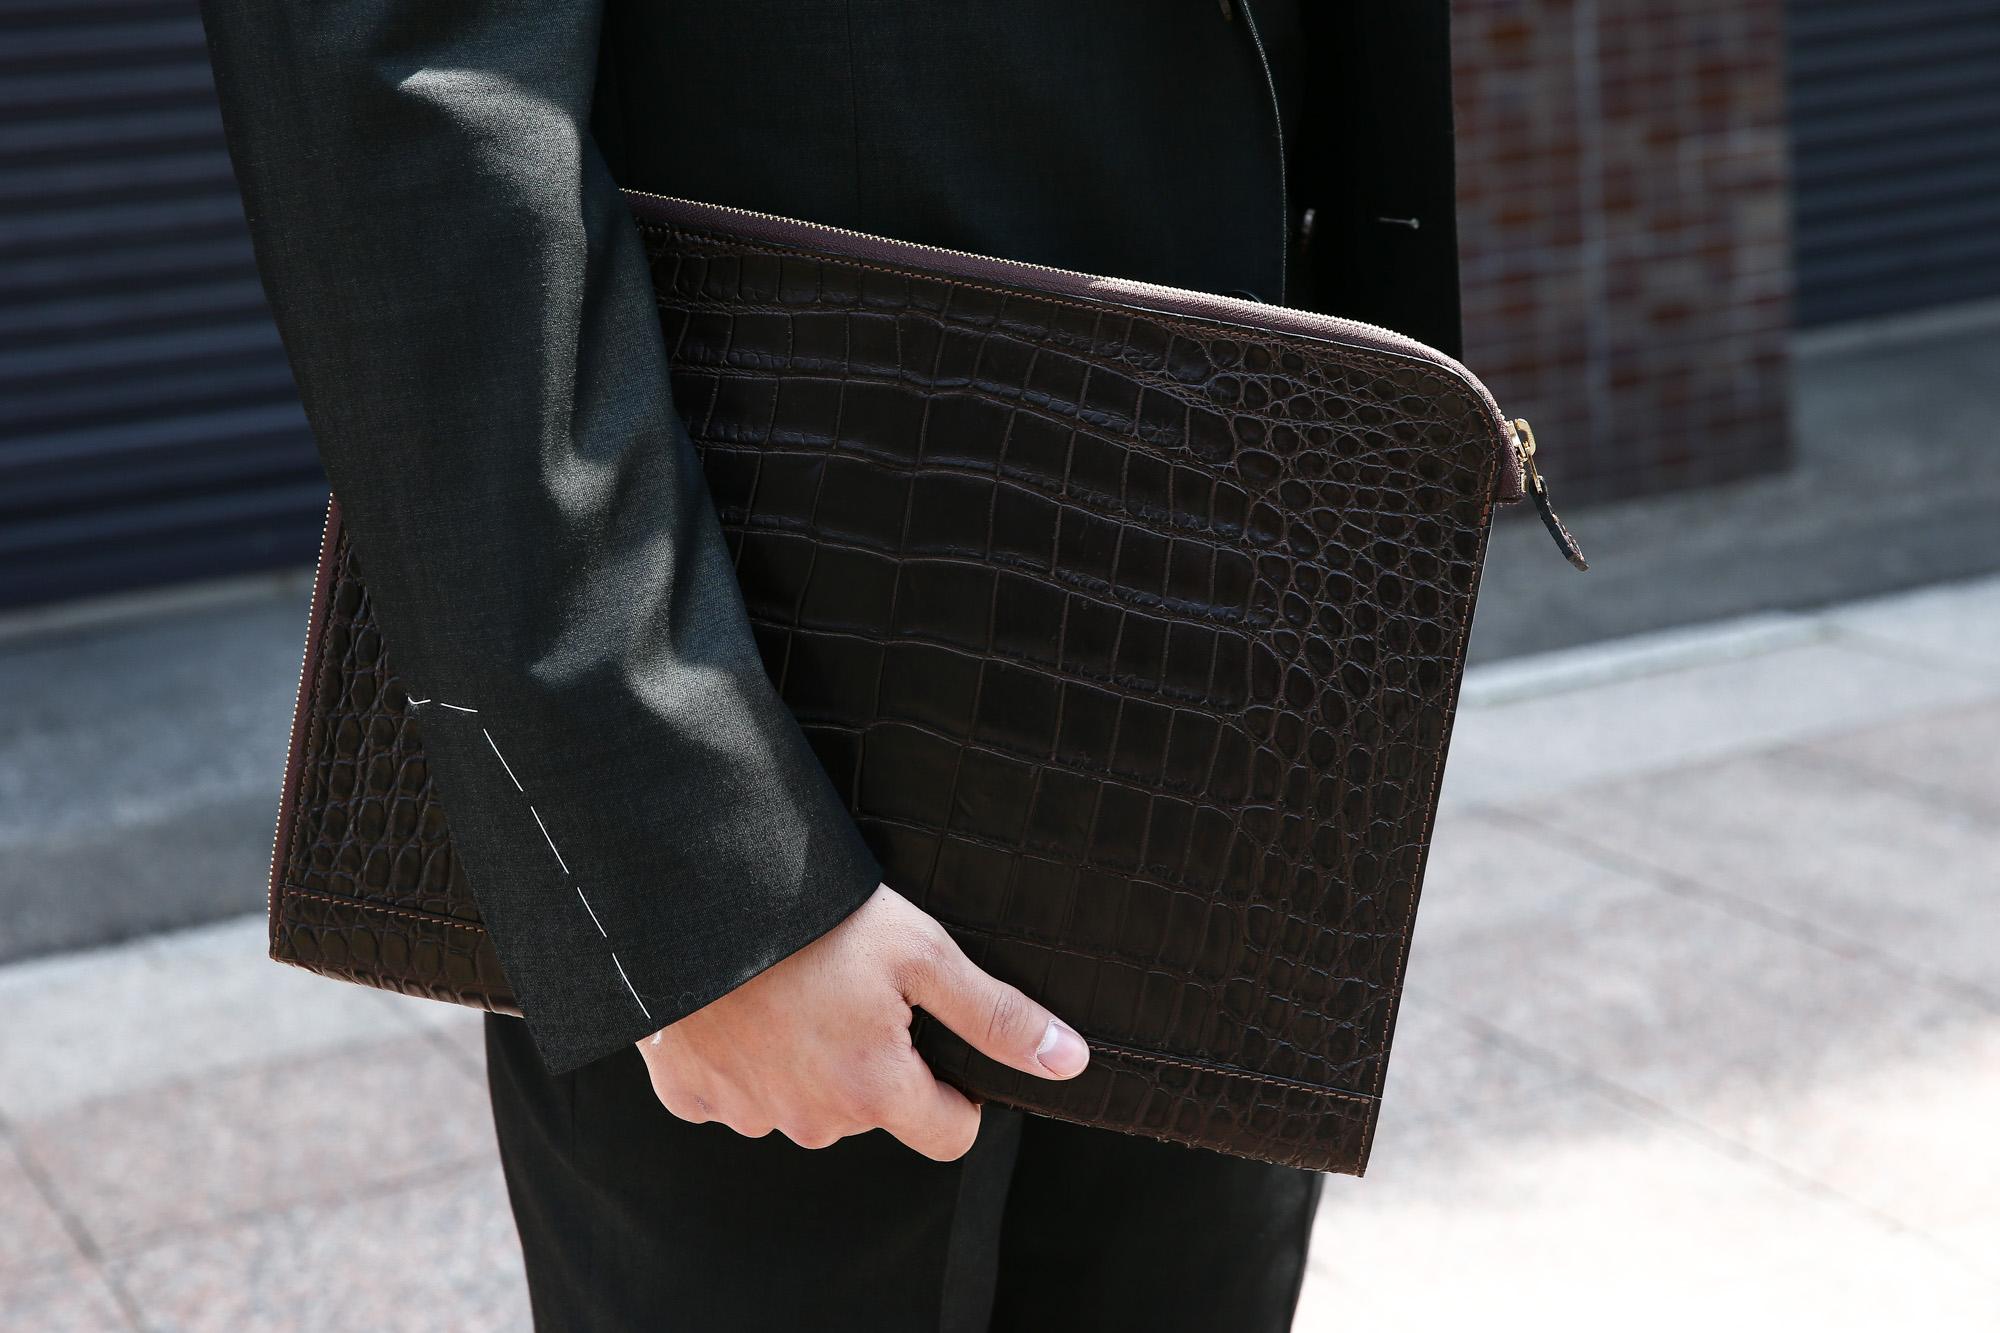 Cisei × 山本製鞄 (シセイ × 山本製鞄) Crocodile Document Case Large (クロコダイル ドキュメントケース ラージ) Nile Crocodile Leather (ワニ革) ナイル クロコダイル クラッチバッグ BLACK(ブラック),NAVY(ネイビー),BROWN(ブラウン)  Made in Japan (日本製) cisei yamamotoseiho トートバック クロコ 愛知 名古屋 ZODIAC ゾディアック